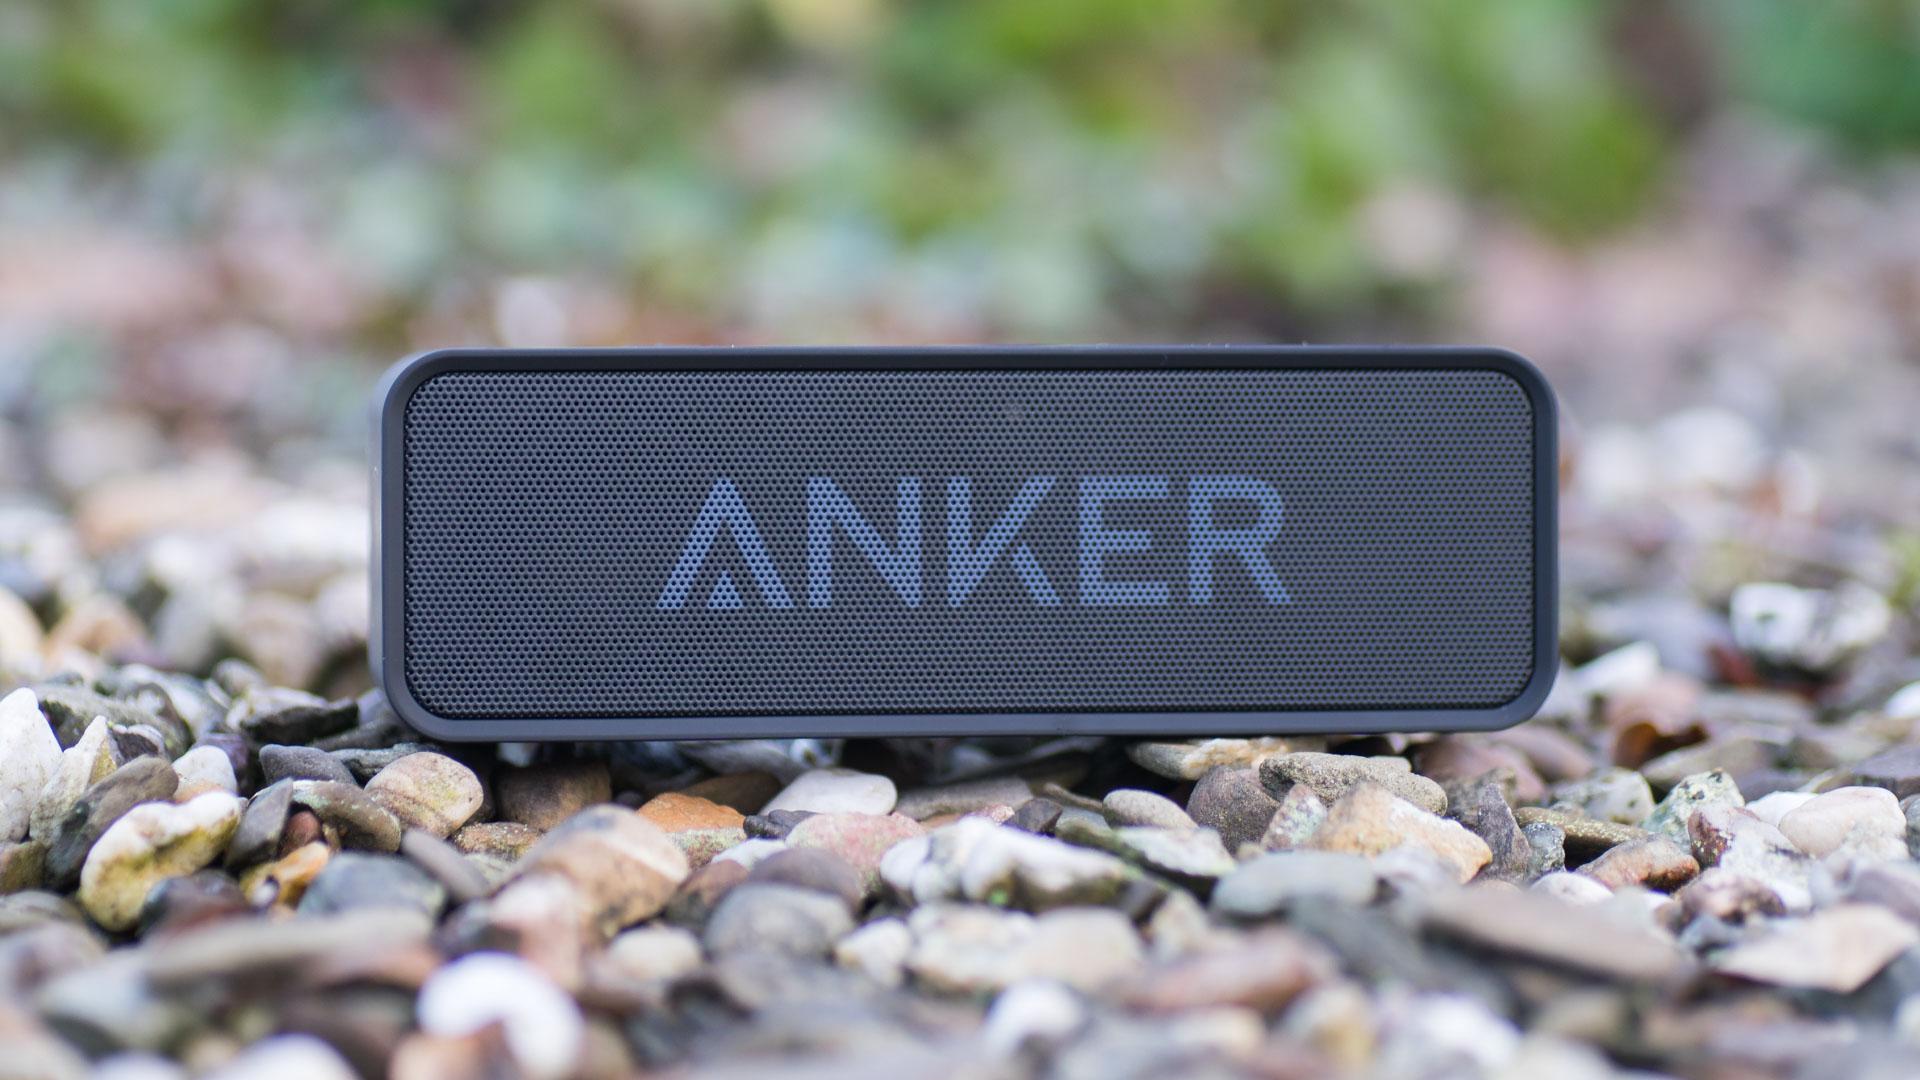 Anker SoundCore Bluetooth Lautsprecher im Test – Techtest